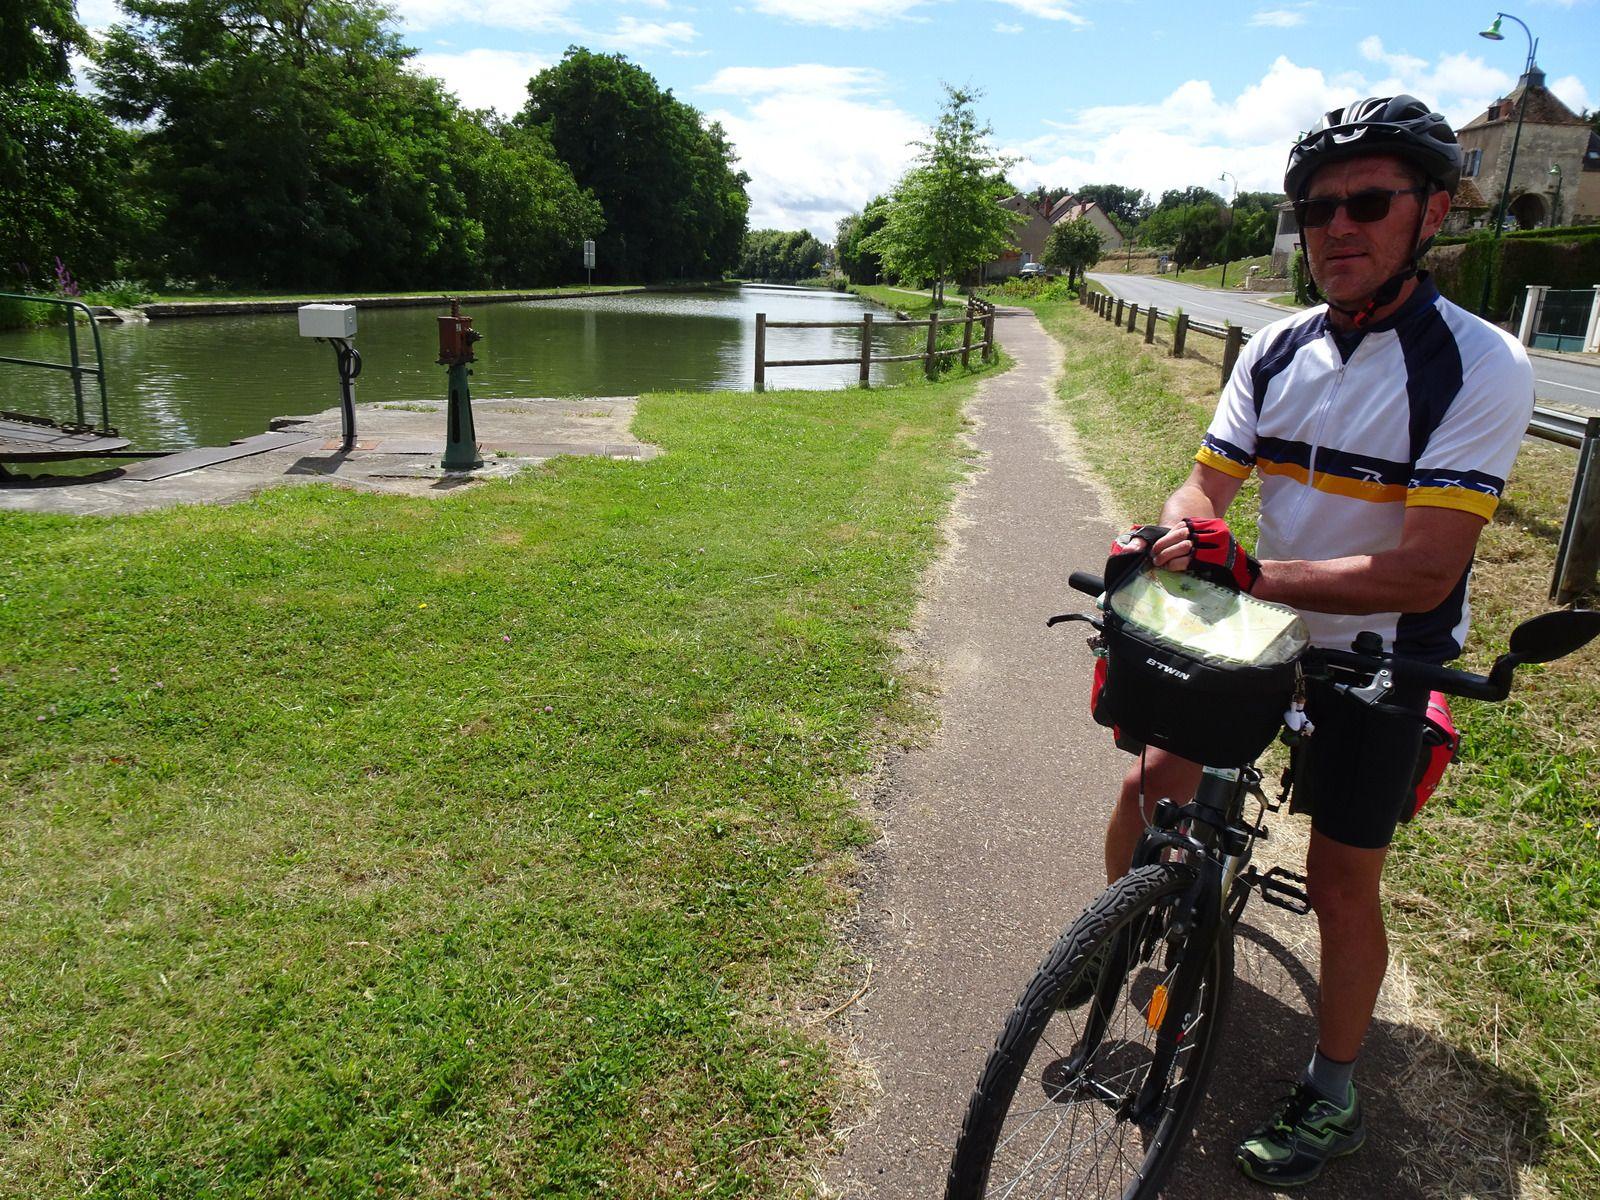 Le Centre-Val de Loire à vélo : Etape 7 - La Charité-sur-Loire / Belleville-sur-Loire - 49,8 km